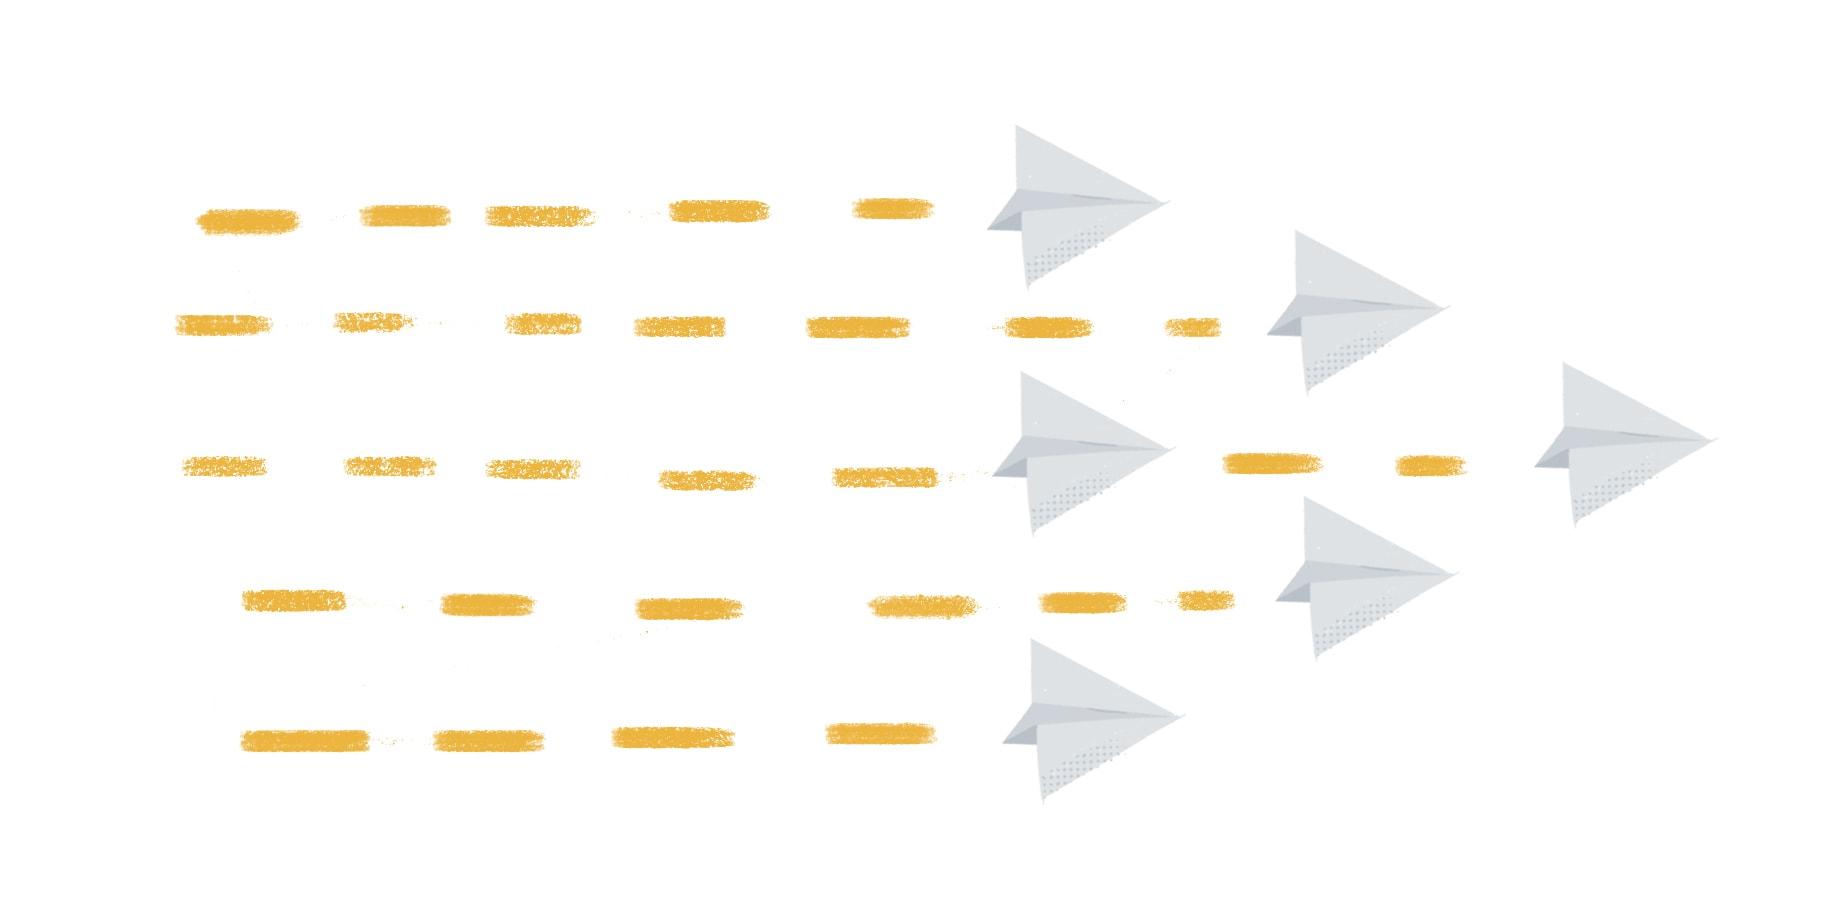 同じ方向に飛んでいる紙飛行機の画像が表すように、強力な社内コミュニケーション戦略はリーダーが透明性をもって情報共有することから始まります